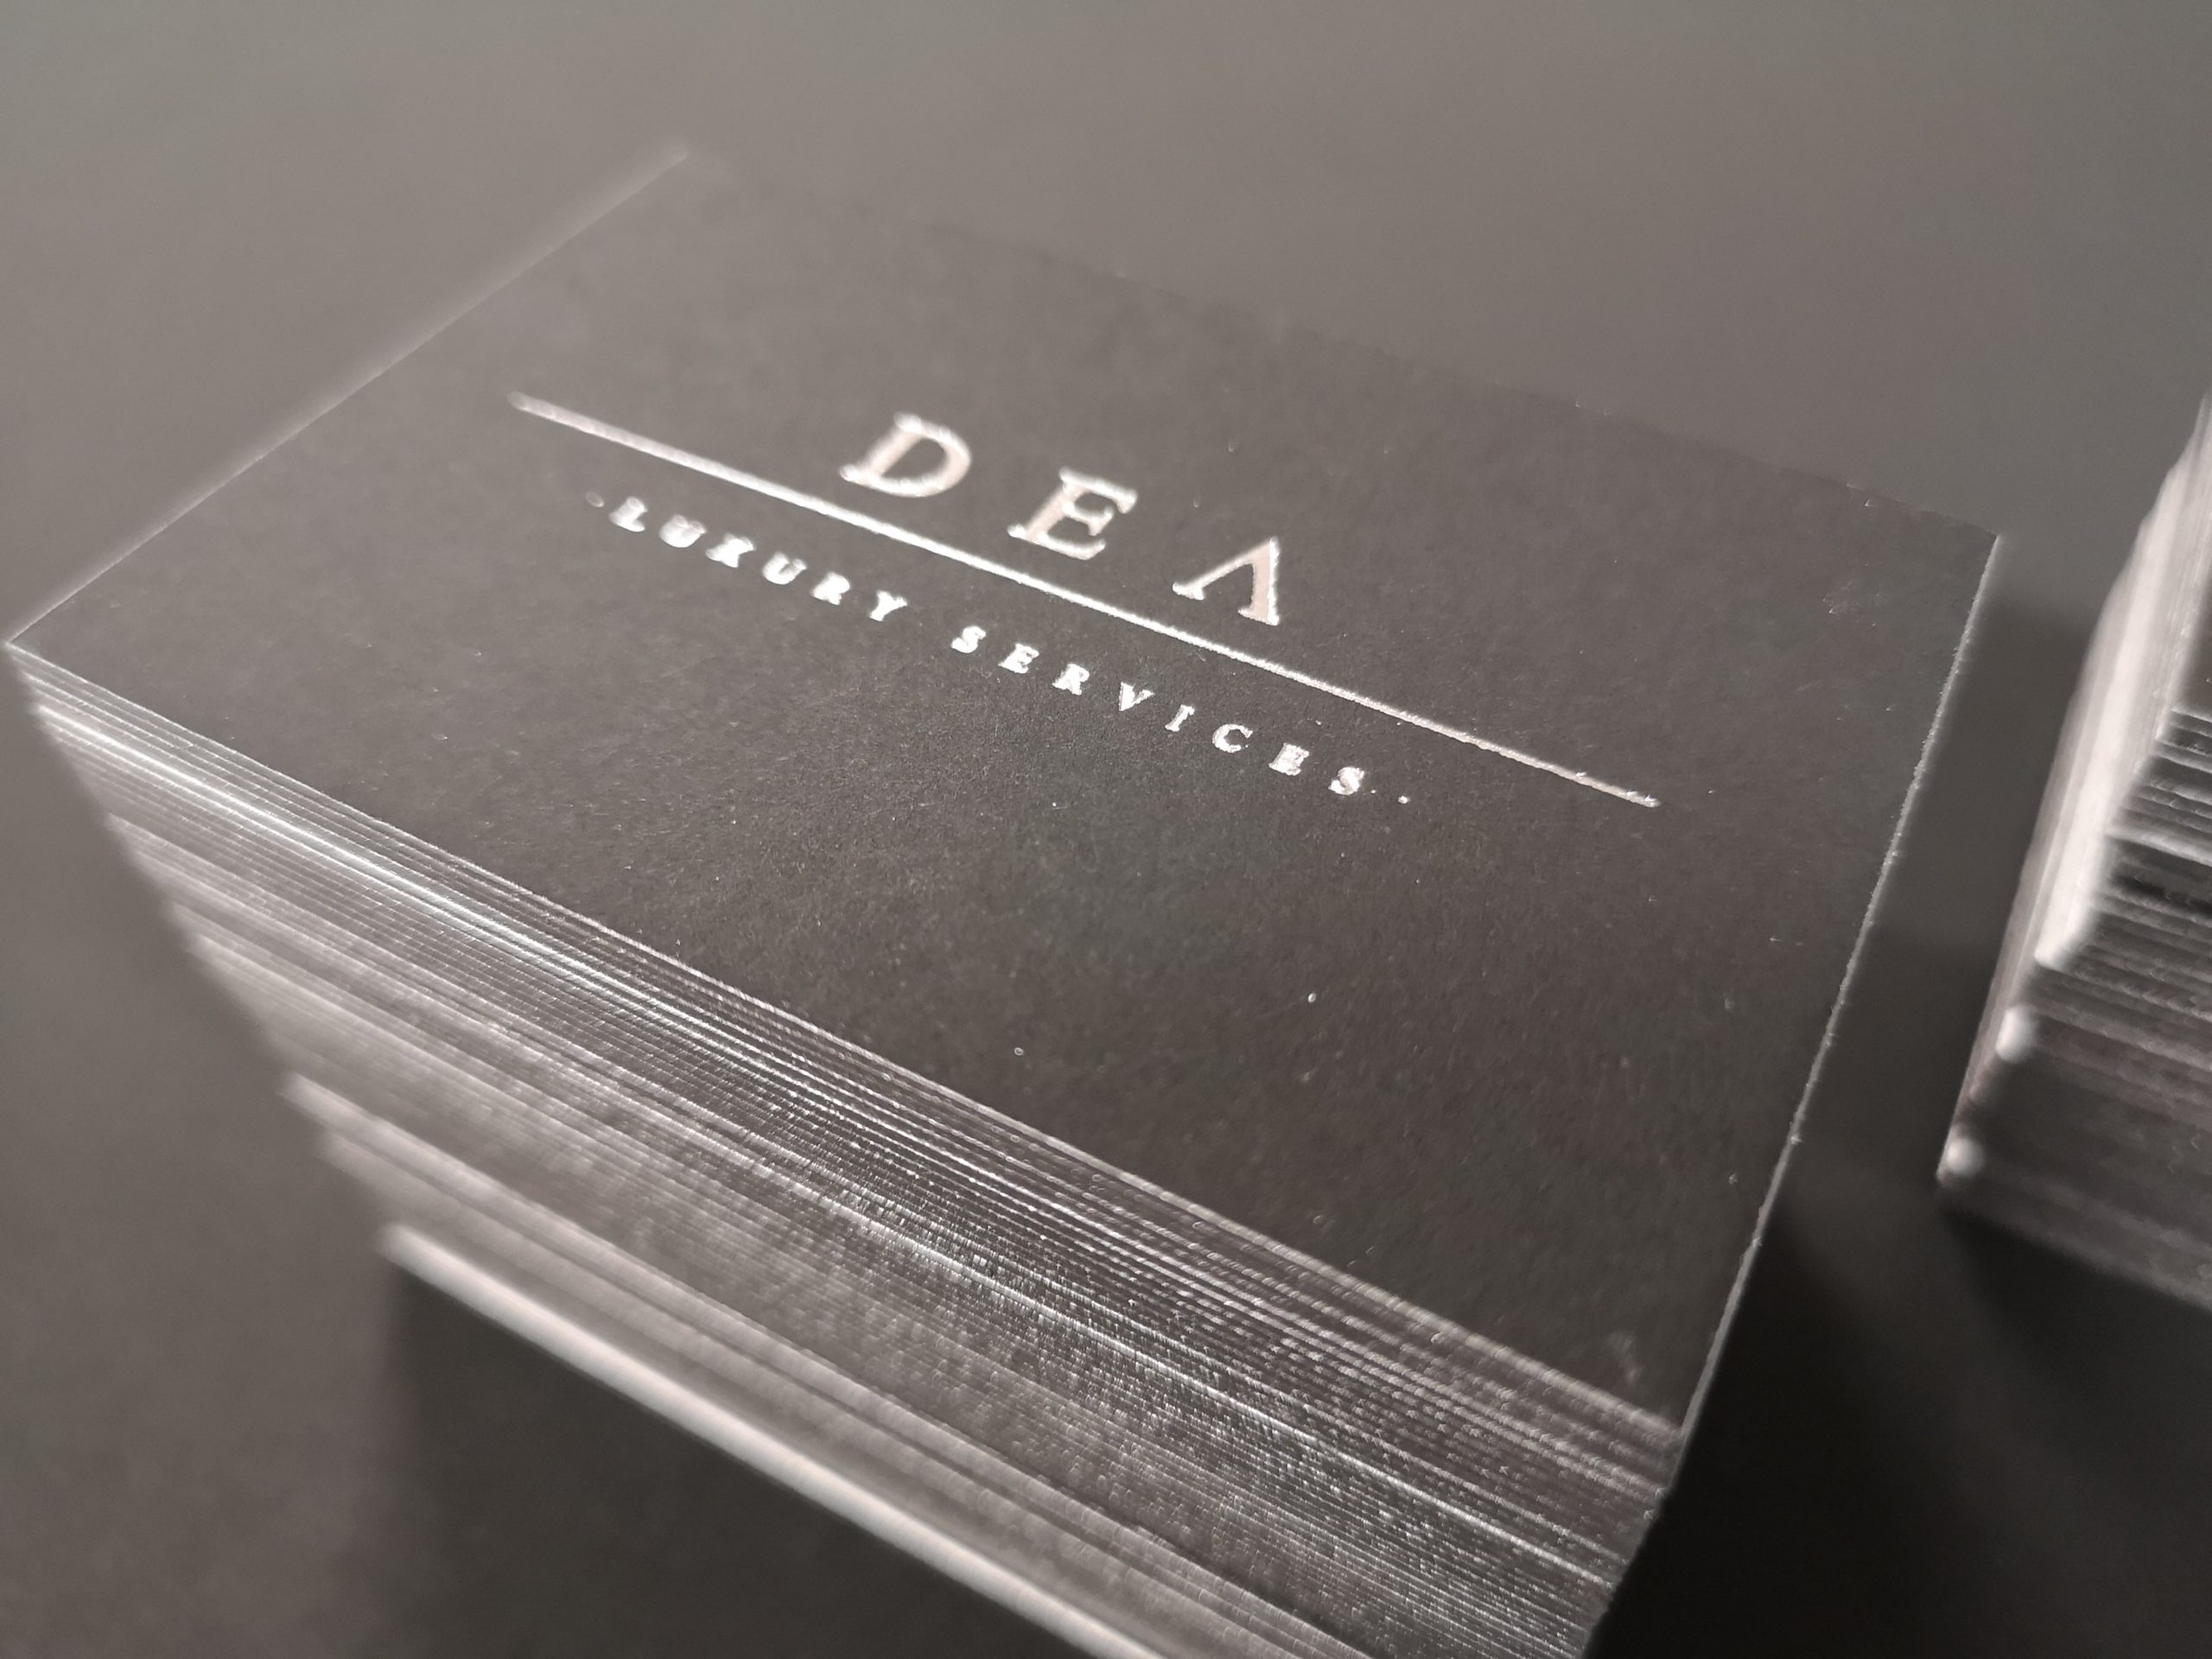 Dea Luxury Service business cards | MASTROiNCHIOSTRO [stampa a caldo hotfoil labbratura]